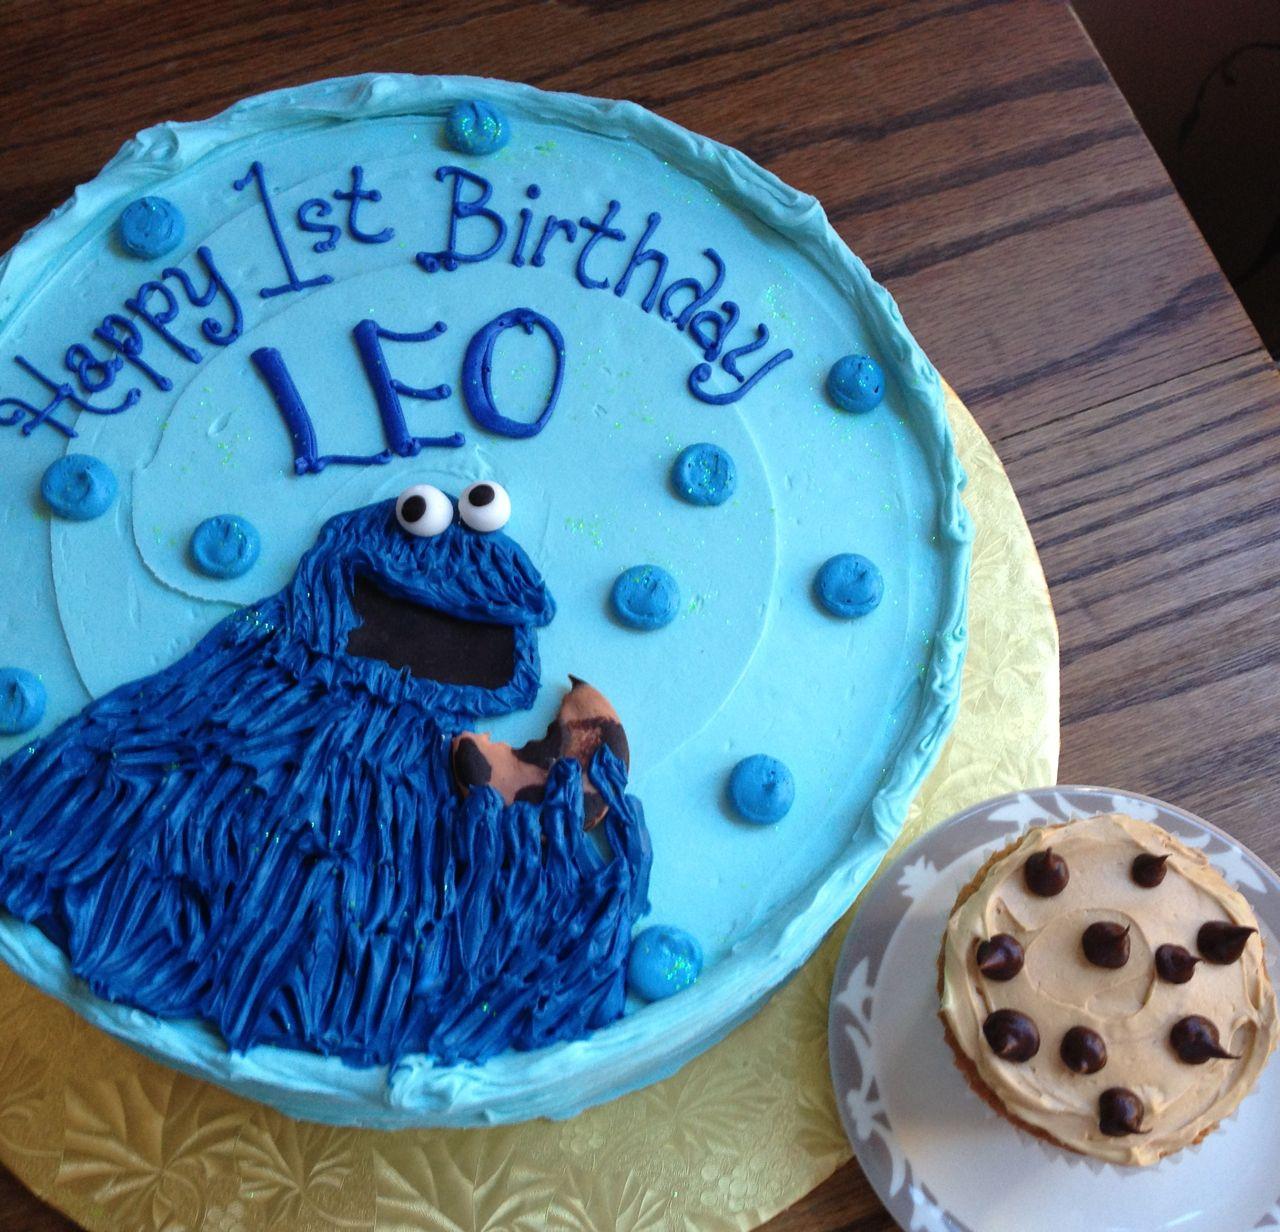 Cake Artist Nj : Baking Classes, Cupcake Decorating - The Artist Baker ...